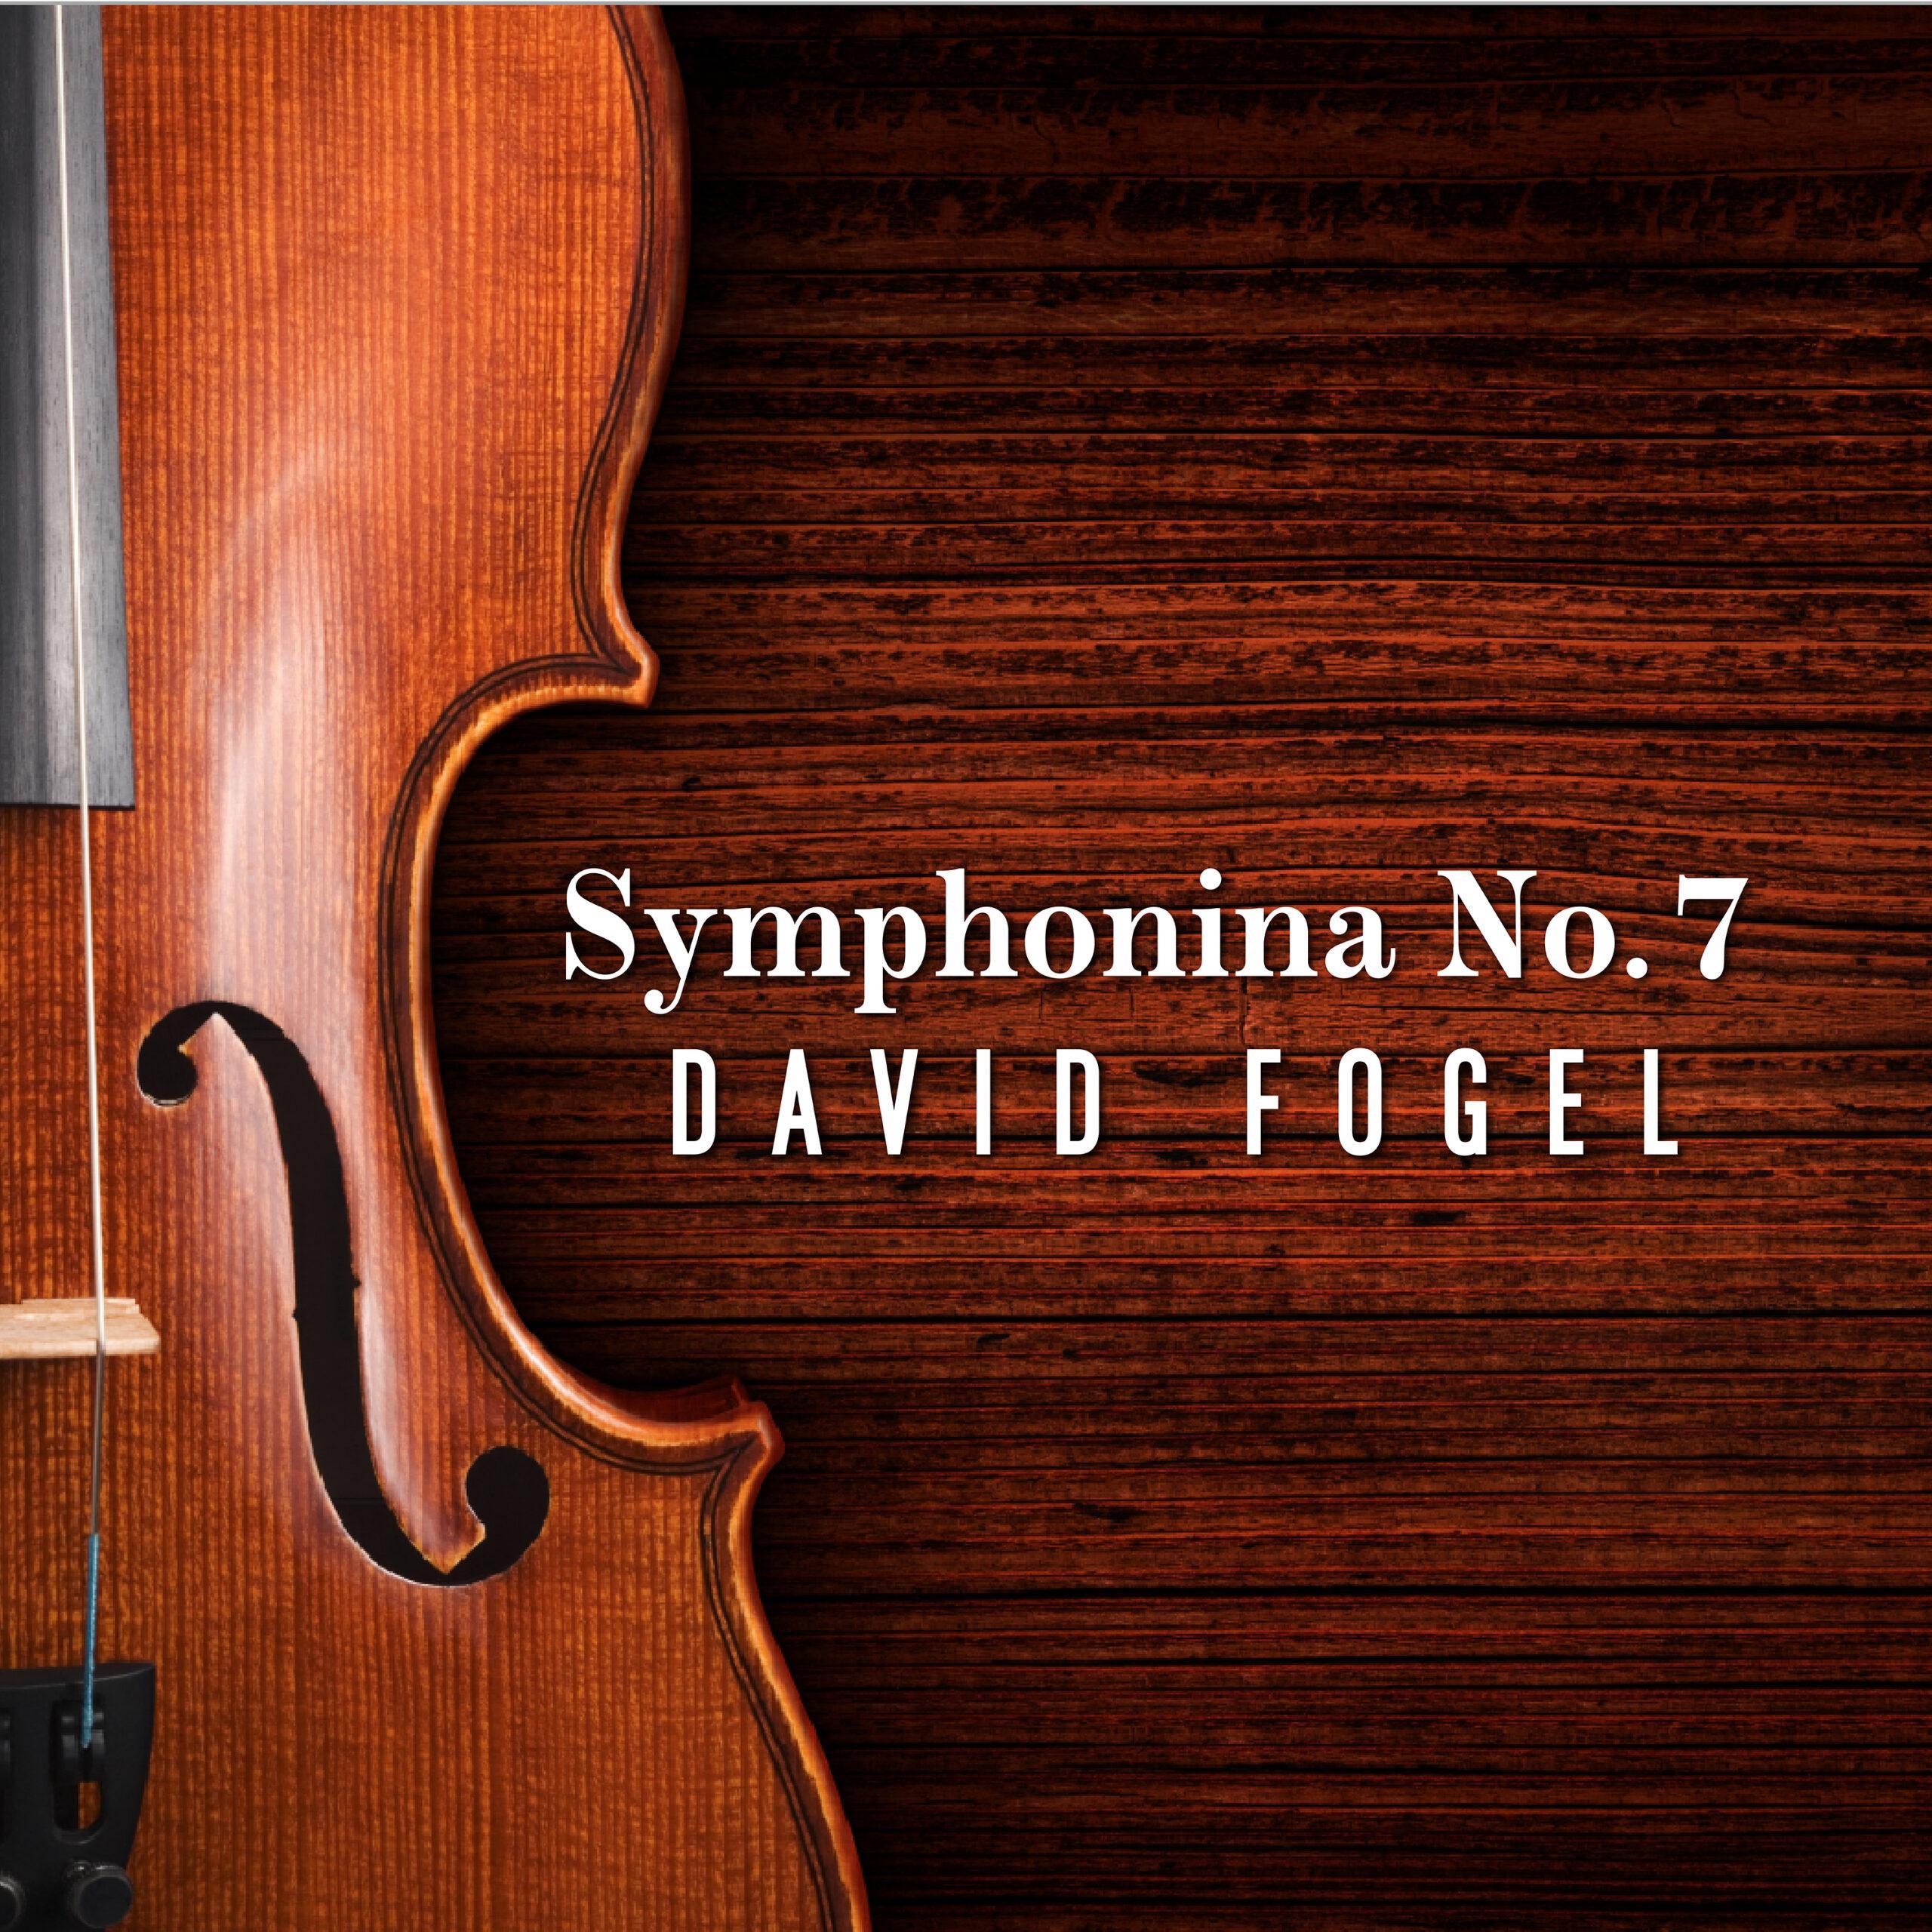 Symphonina No. 7_cover